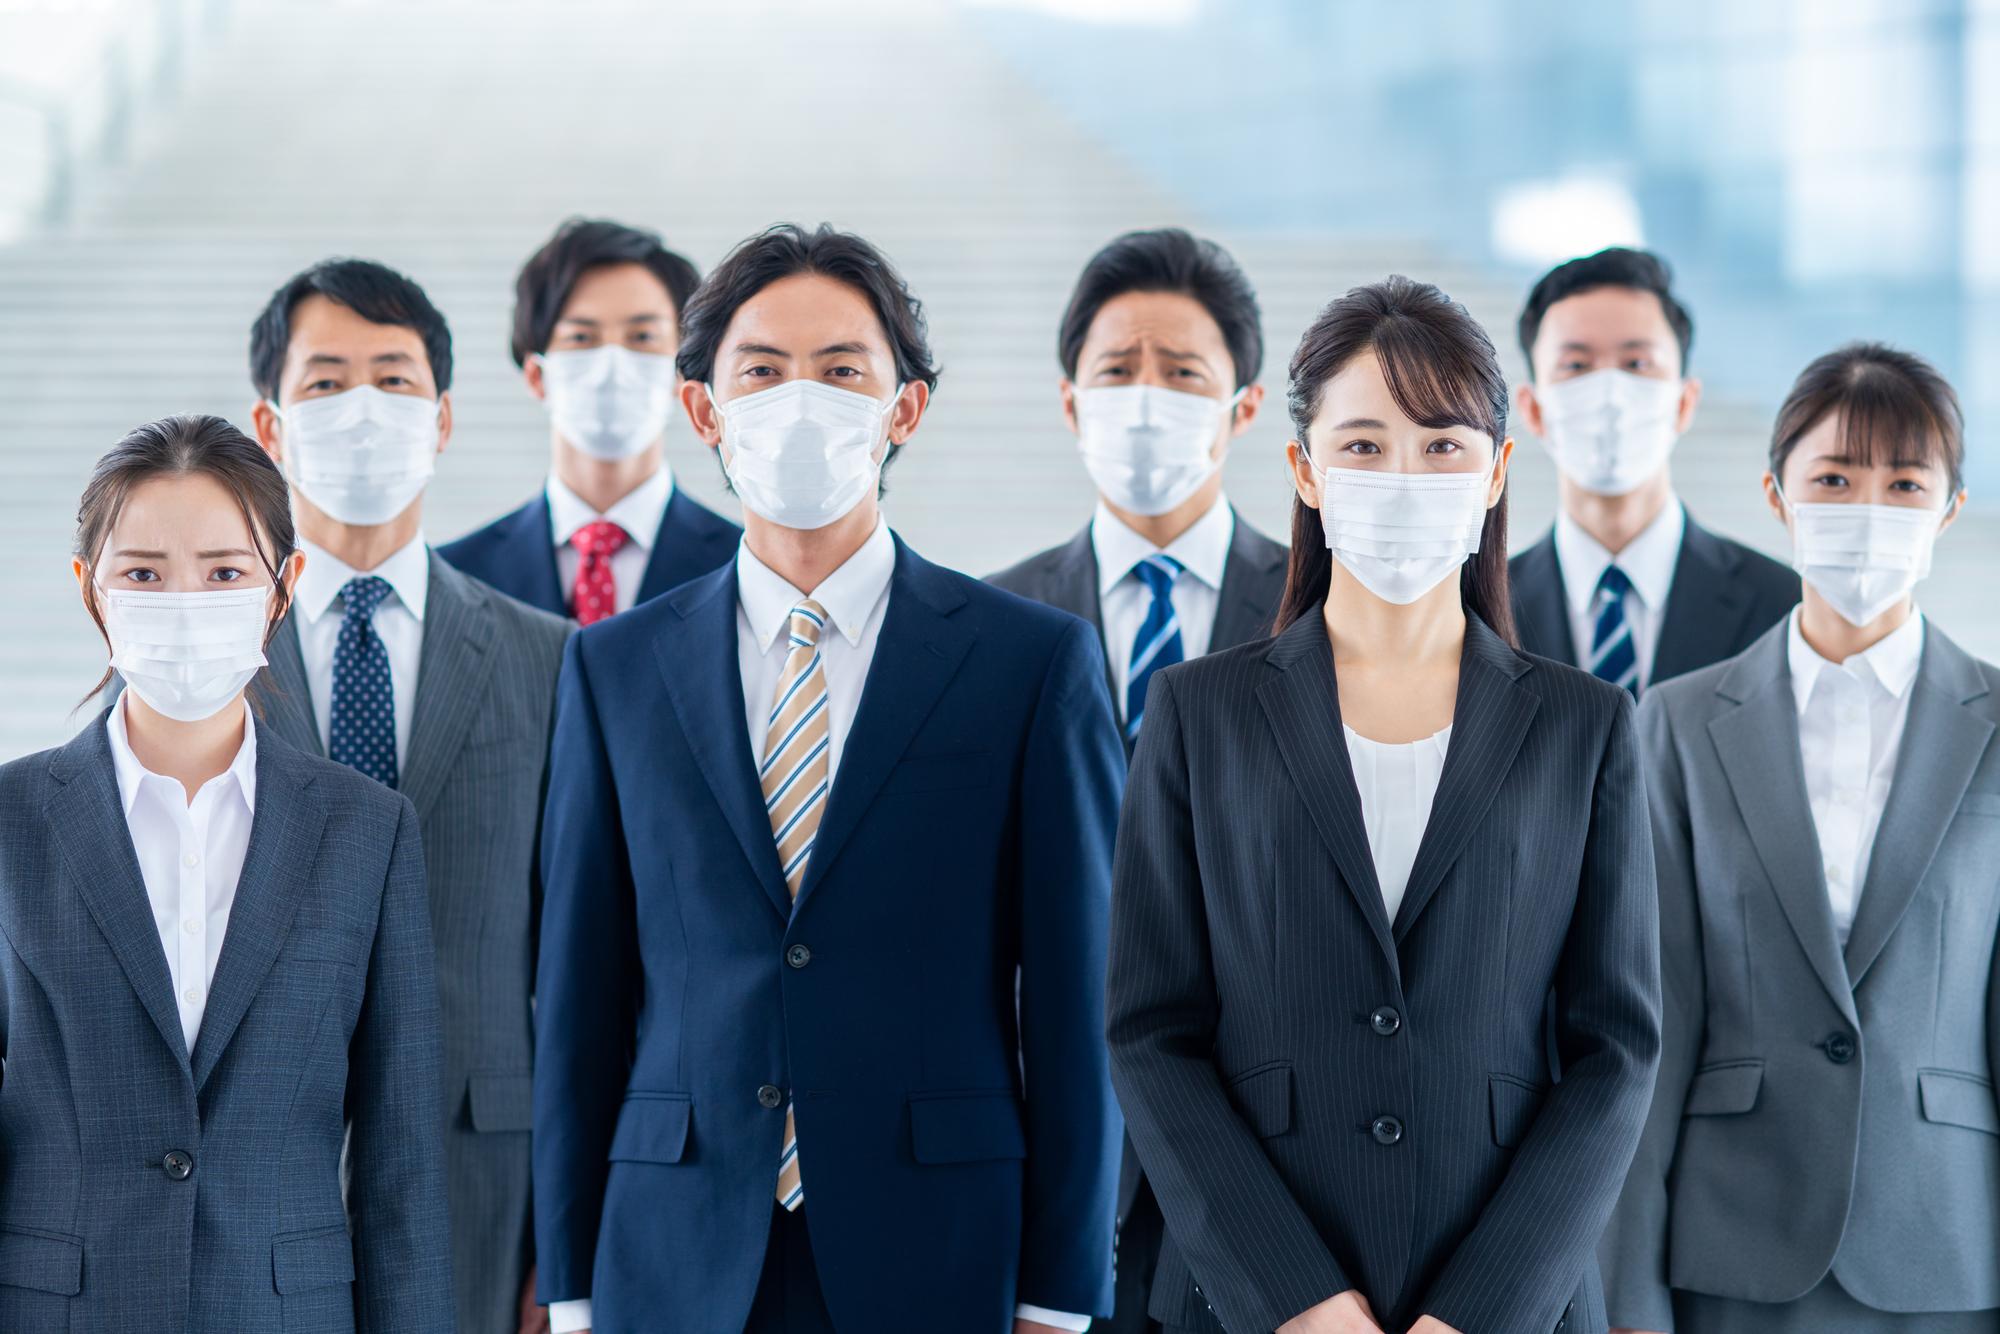 新型コロナウイルスに対する連絡網の活用方法は?知っておきたい企業の対策について